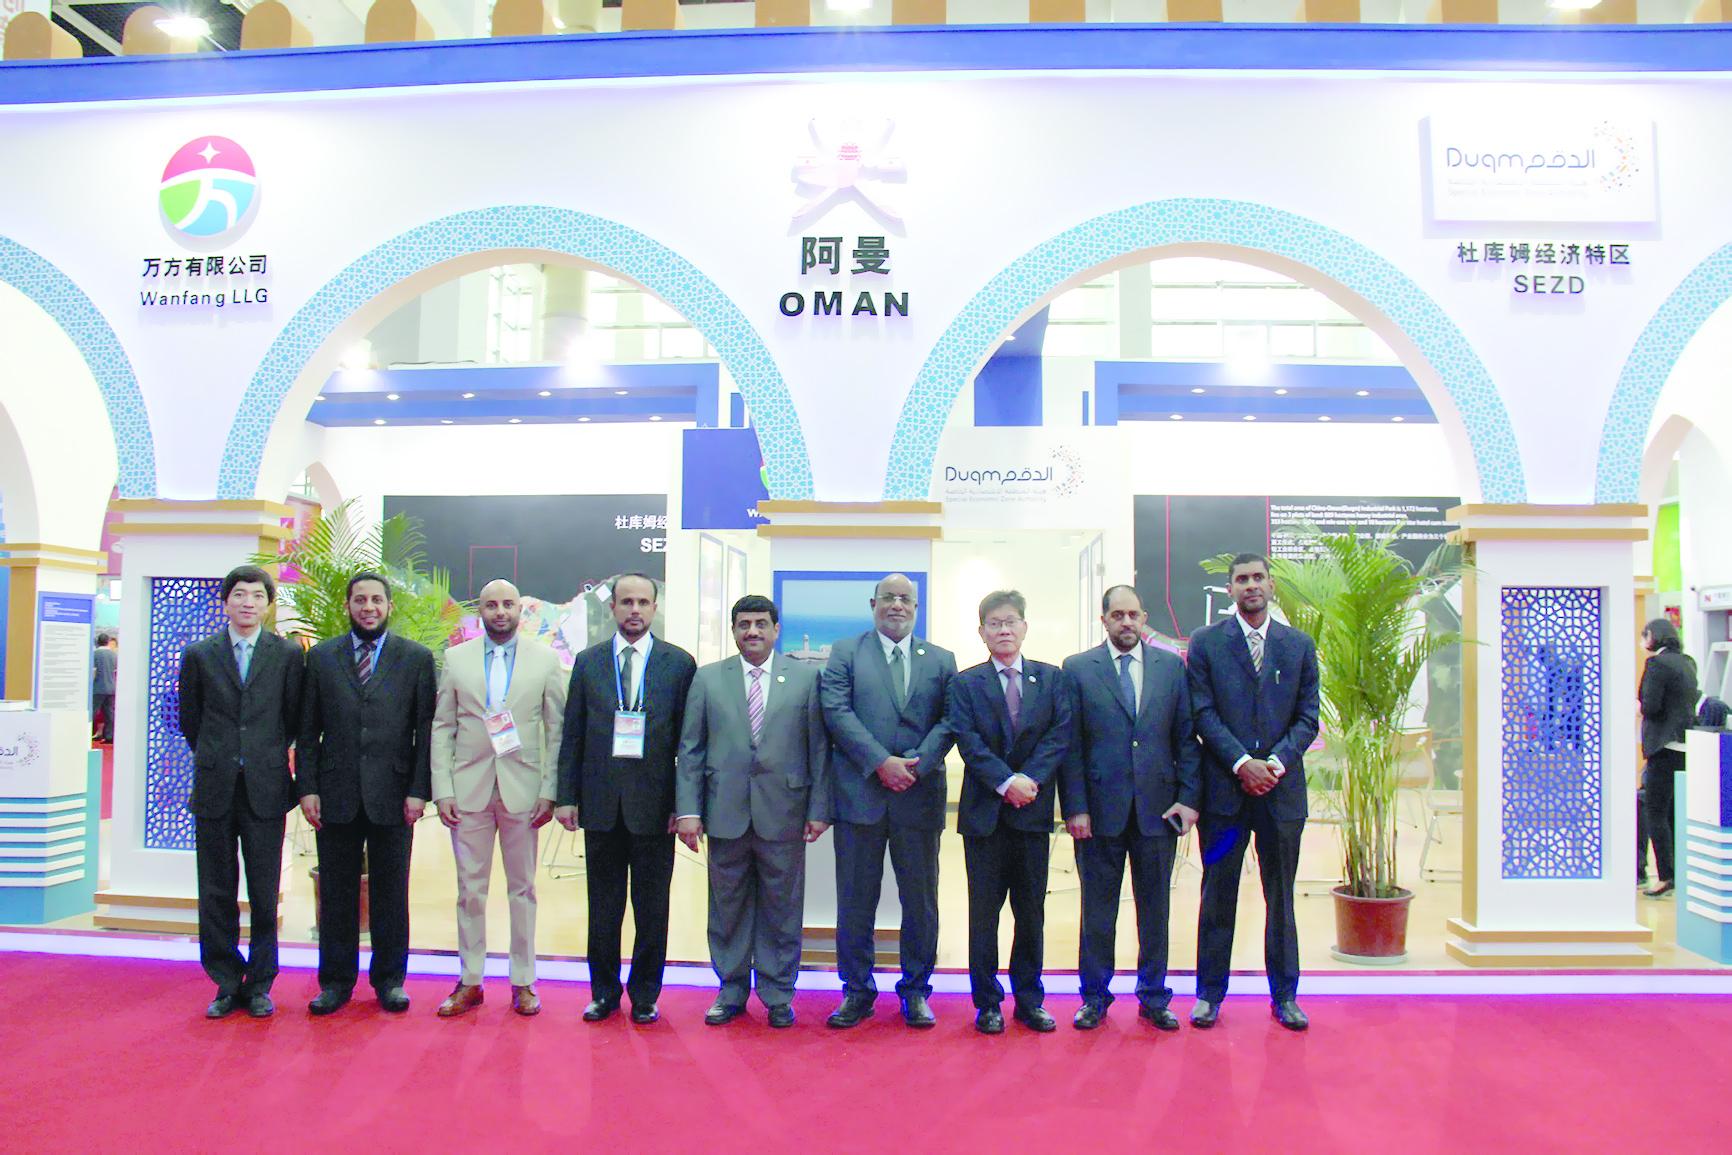 الصين تؤكد التزامها بتنفيذ مشاريع الدقم